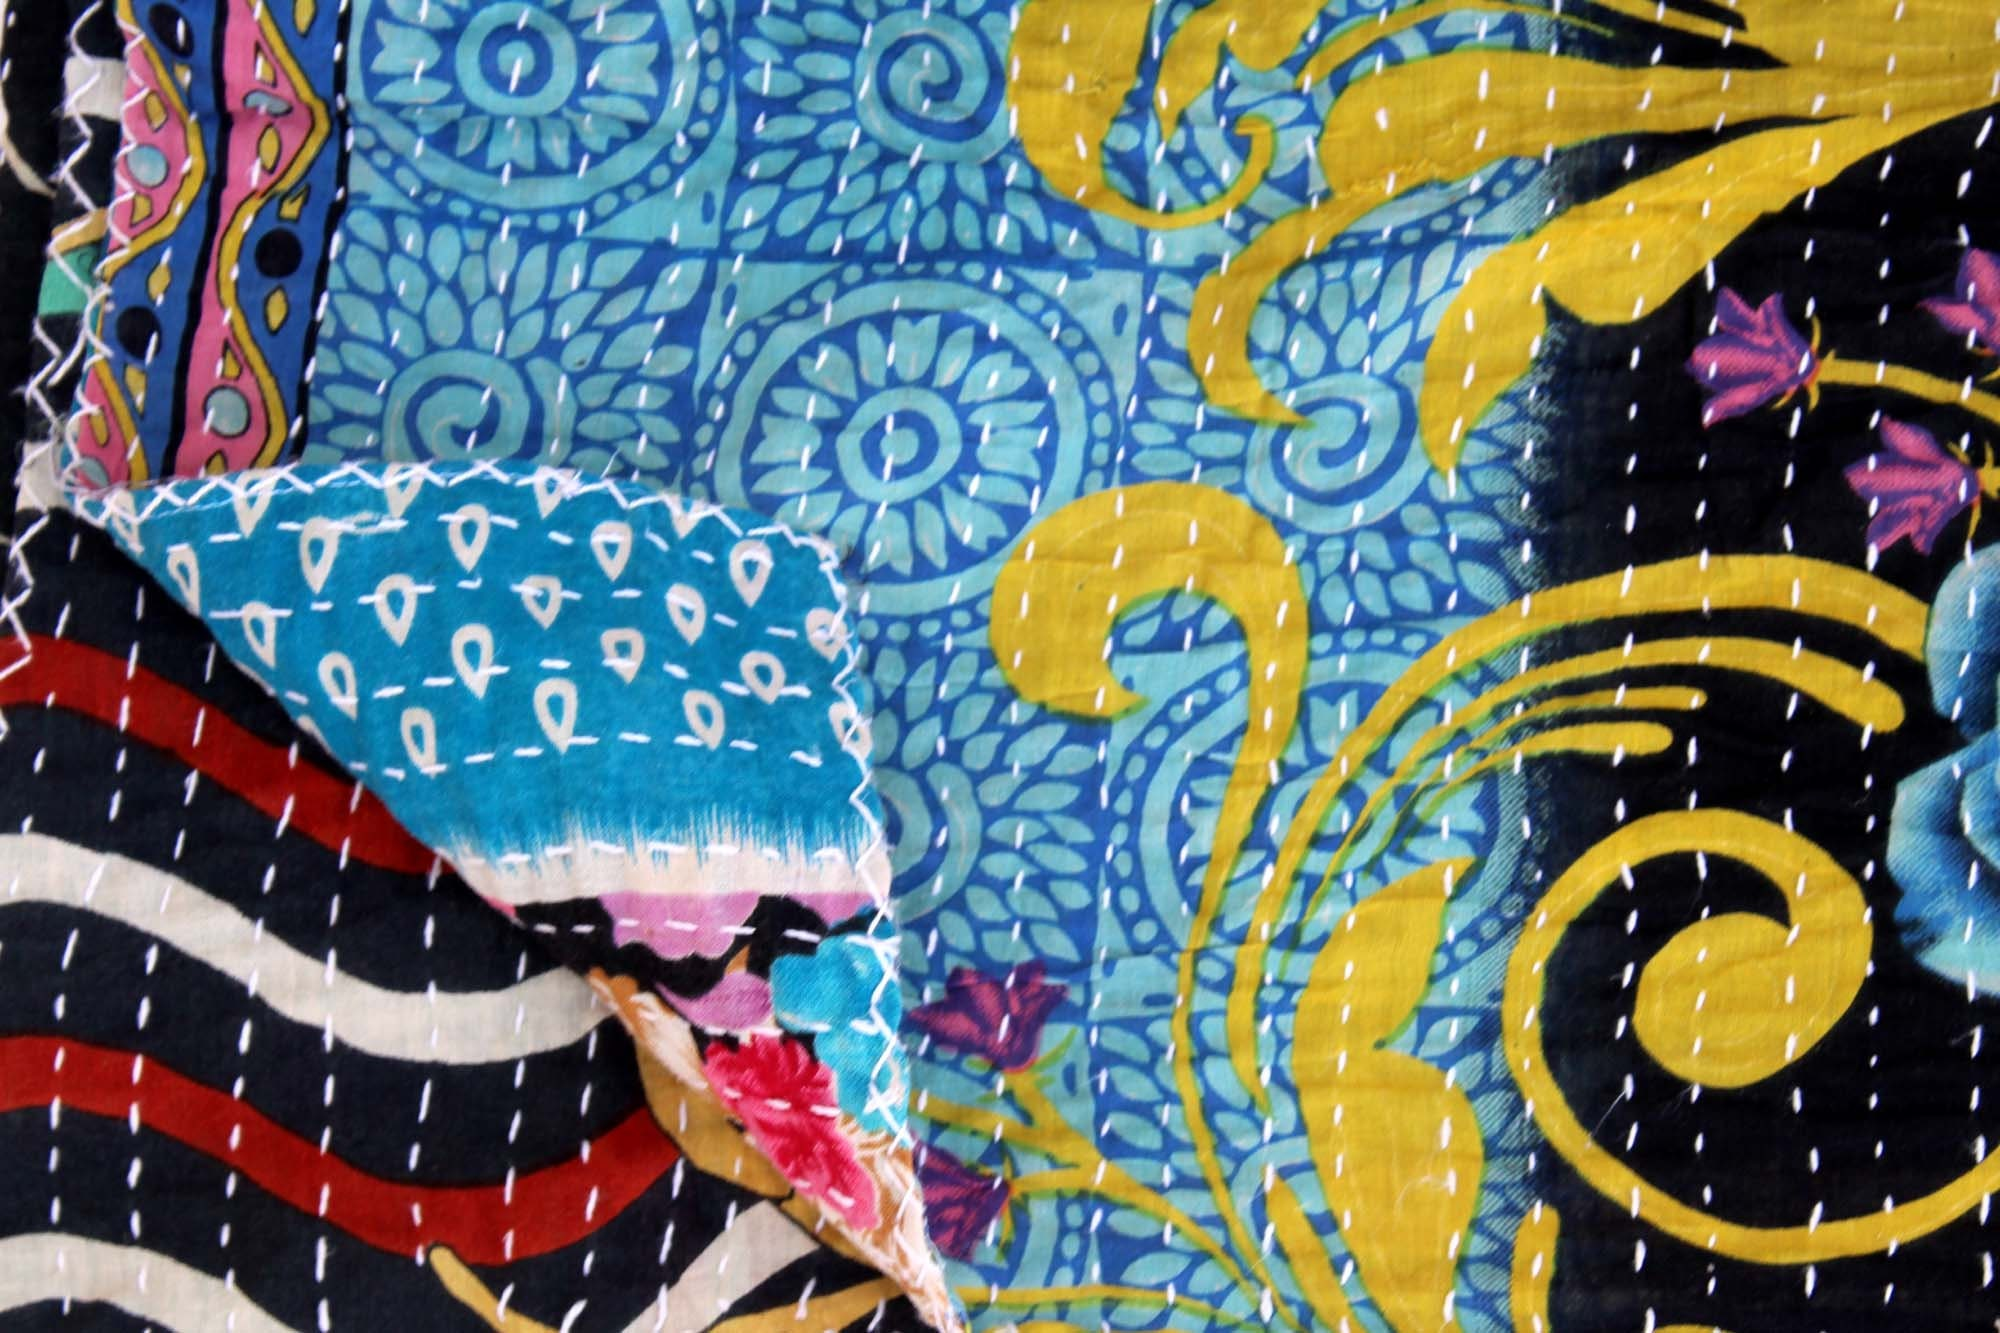 Couette réversible main cousu Kantha jet Vintage Patchwork couette couvre-lit coloré roi coton Kantha couvre-lit